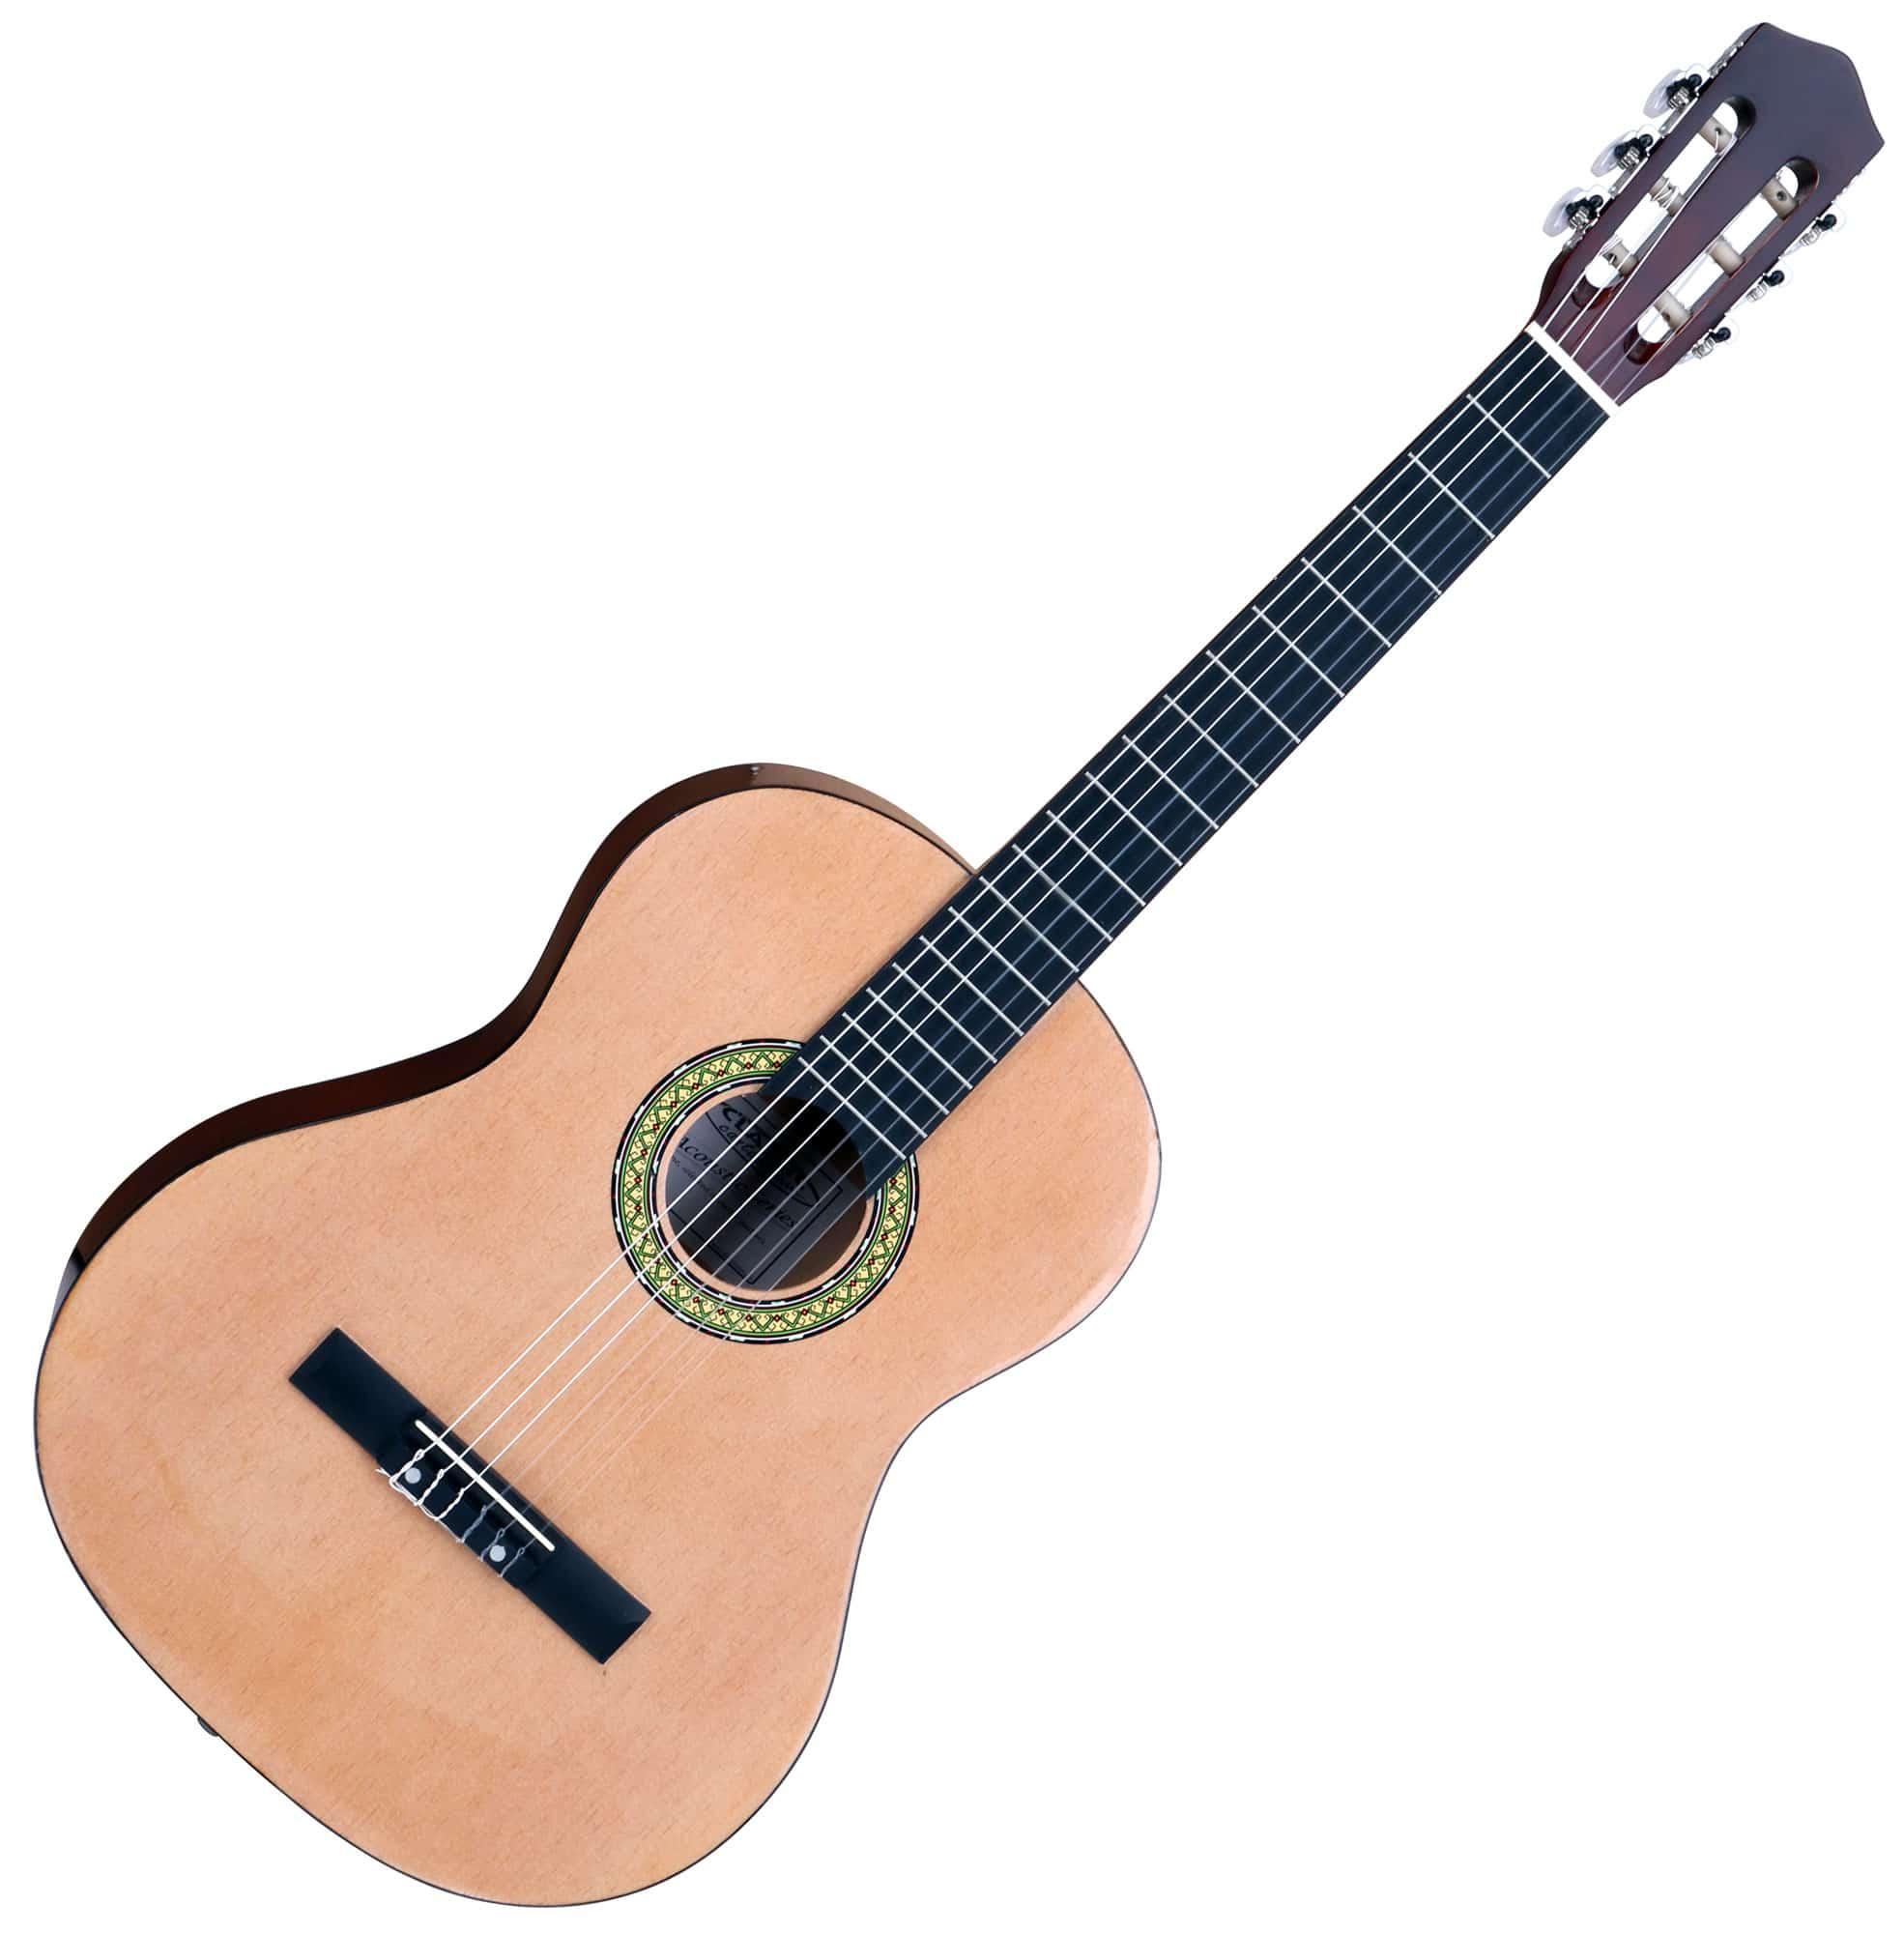 konzert gitarre akustik gitarre klassik gitarre gigbag tasche noten dvd cd set ebay. Black Bedroom Furniture Sets. Home Design Ideas